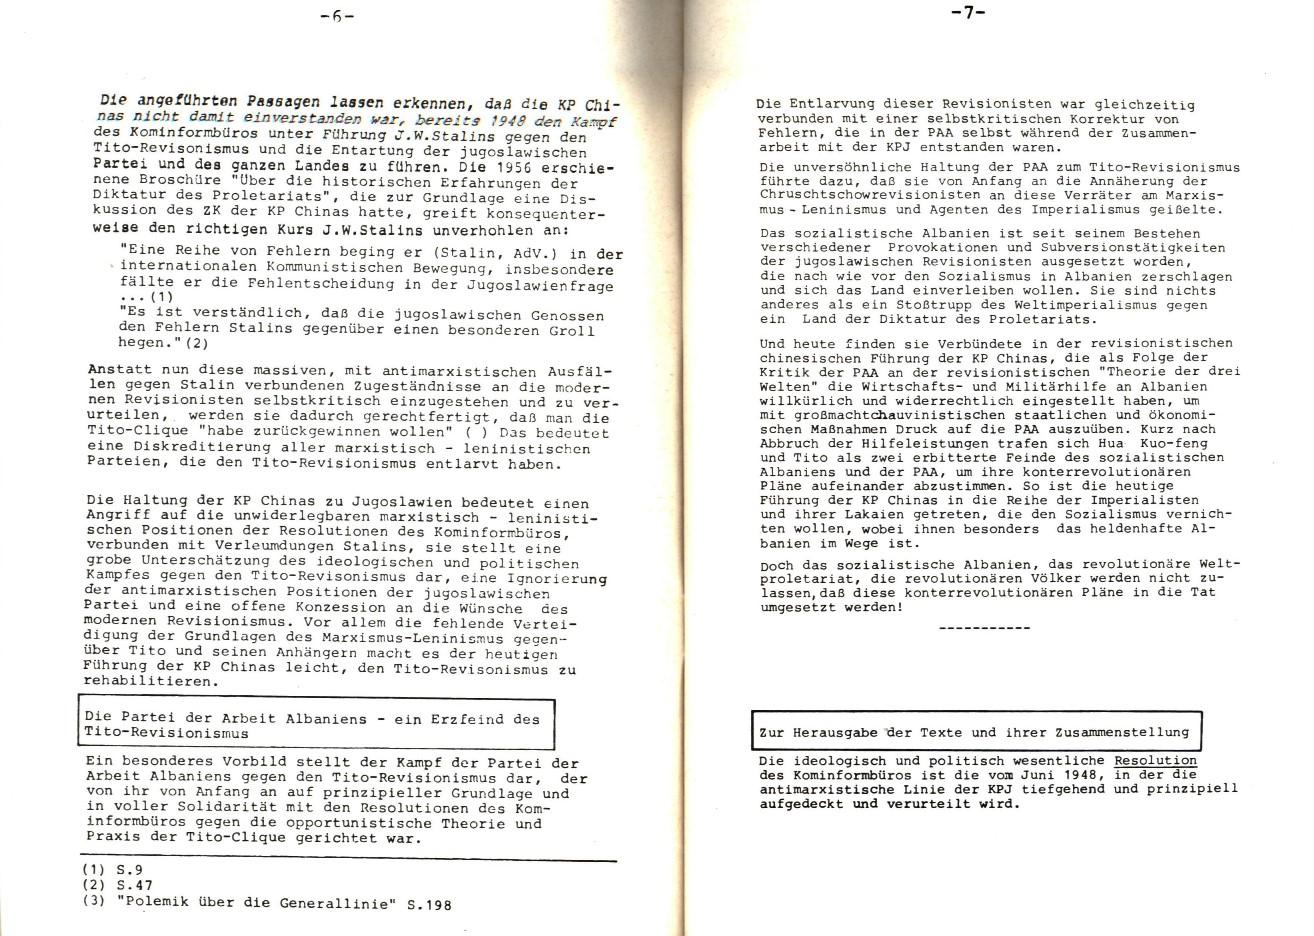 MLSK_Theorie_und_Praxis_des_ML_1979_24_05